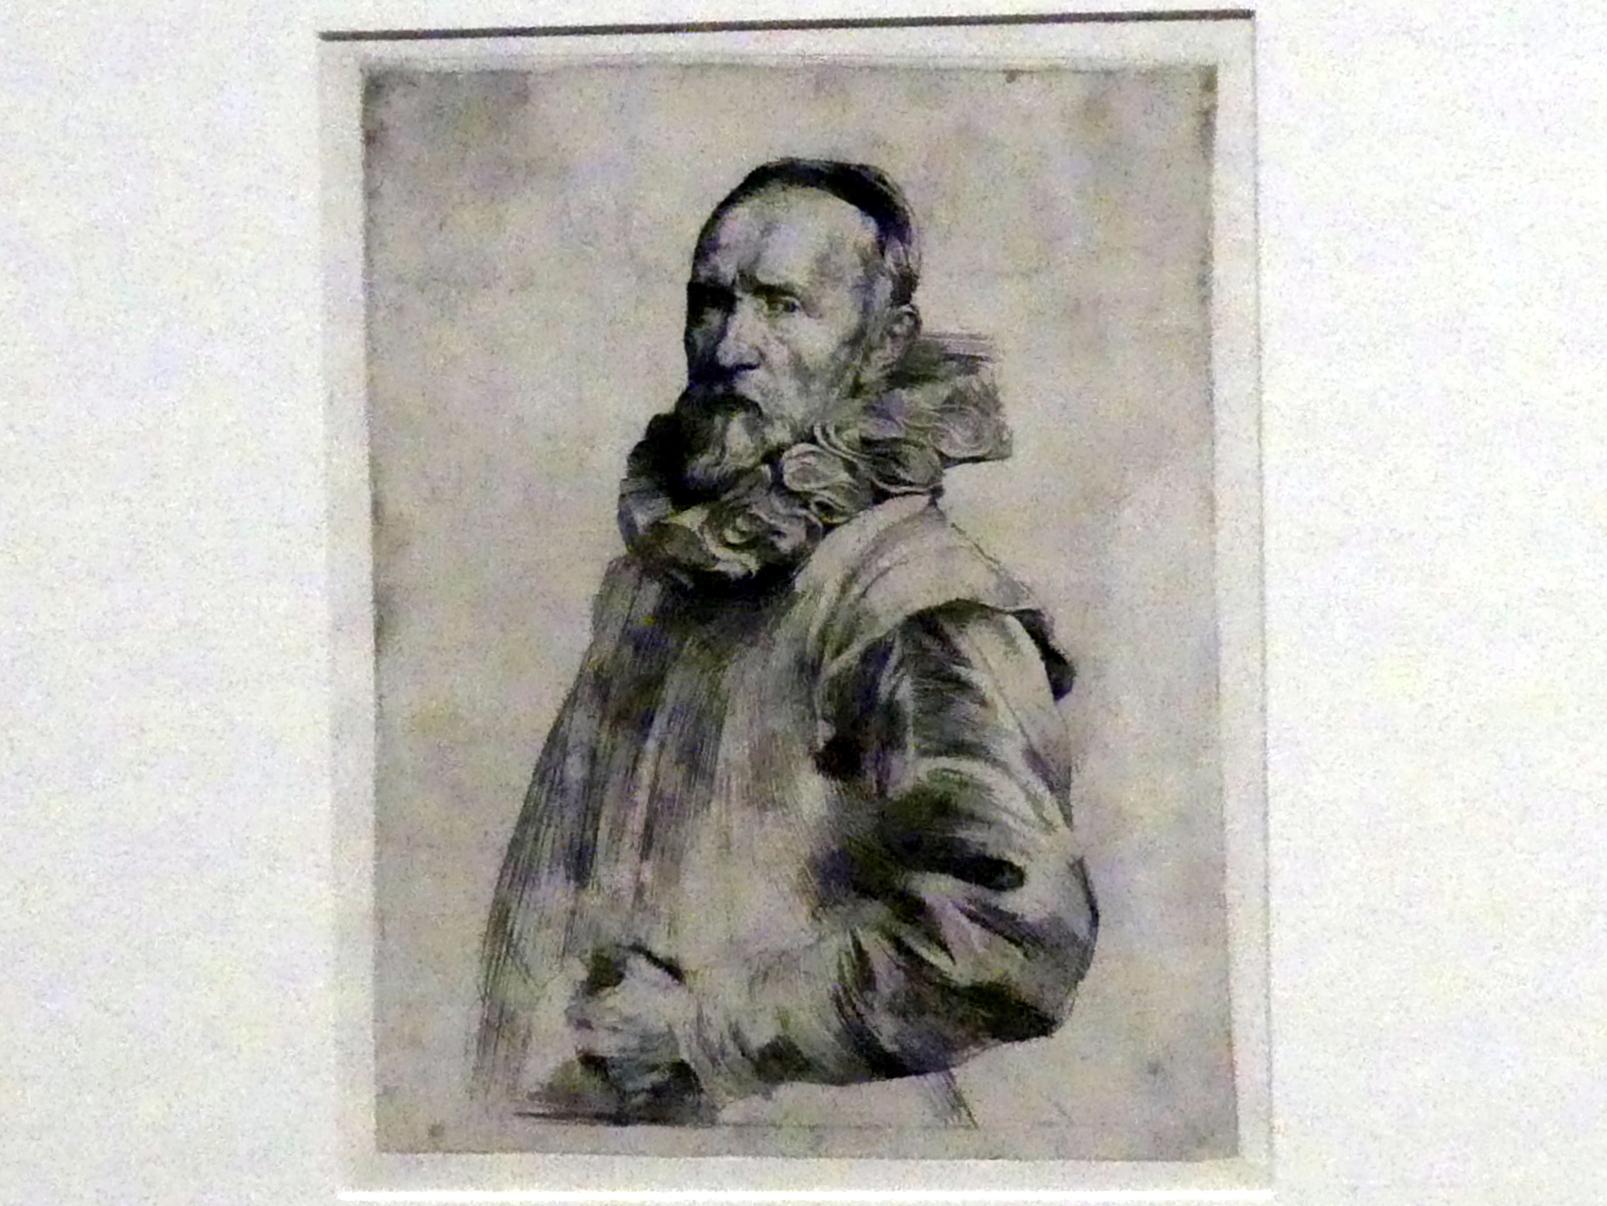 Anthonis (Anton) van Dyck: Jan de Wael, 1. Zustand, Um 1627 - 1629